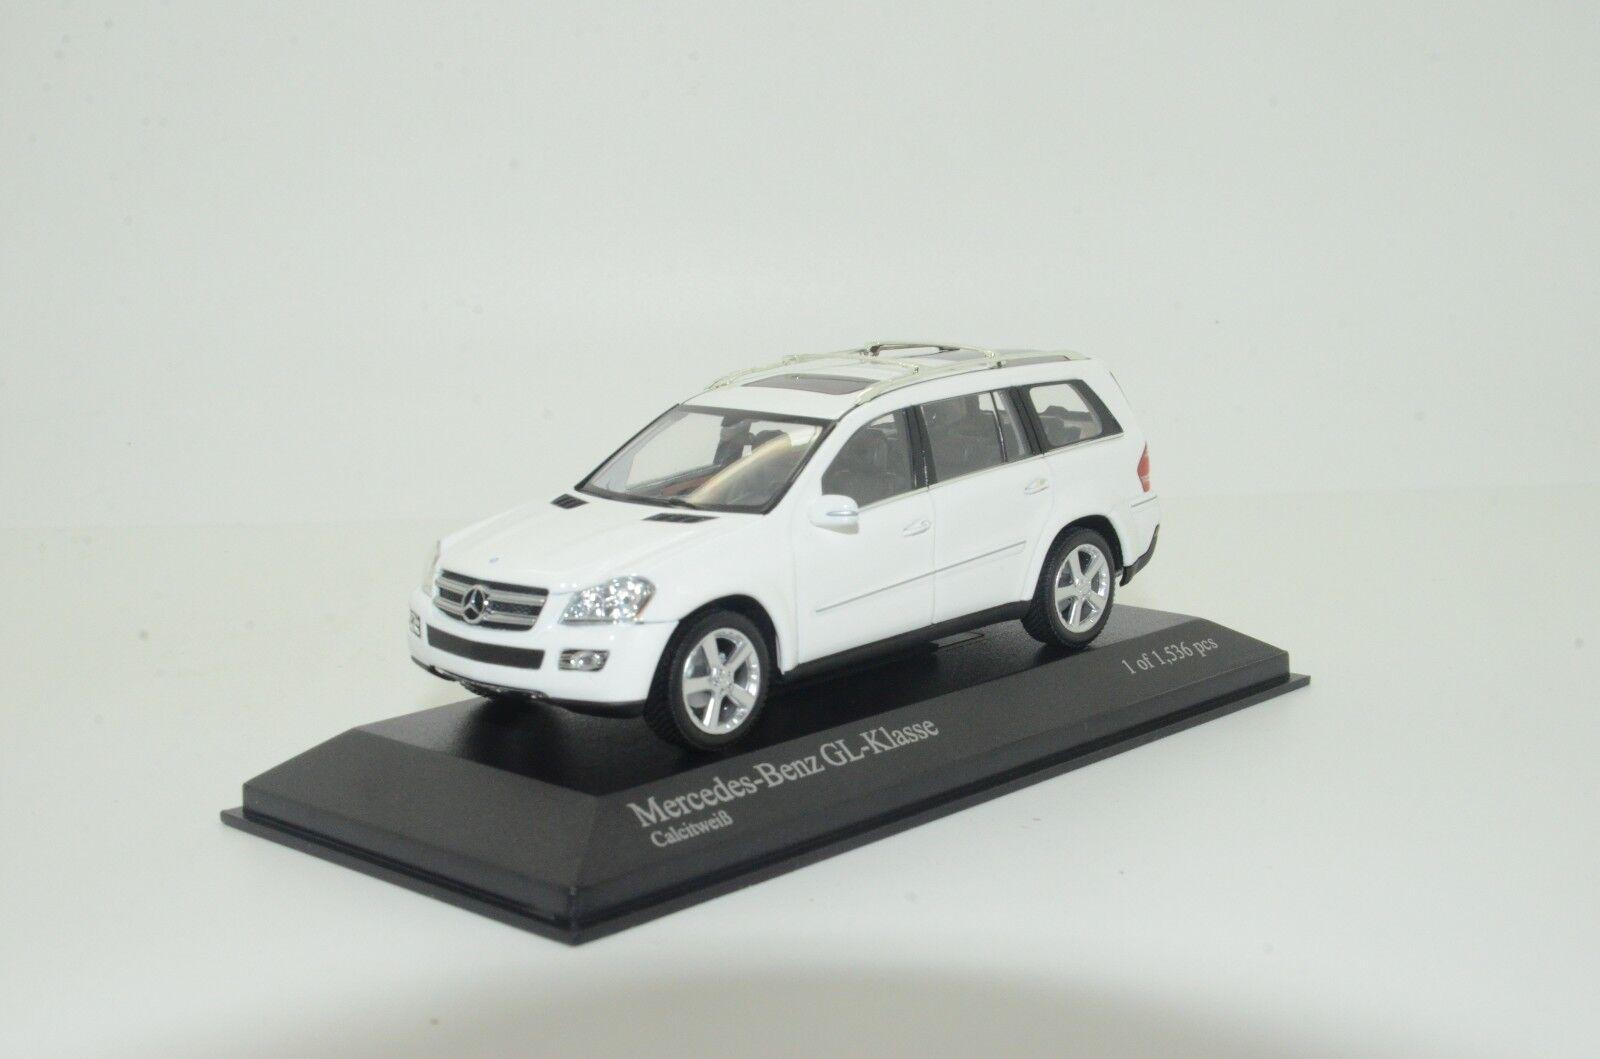 Rare    Mercedes GL-Class 2006 Weiß Minichamps 35000 1 43